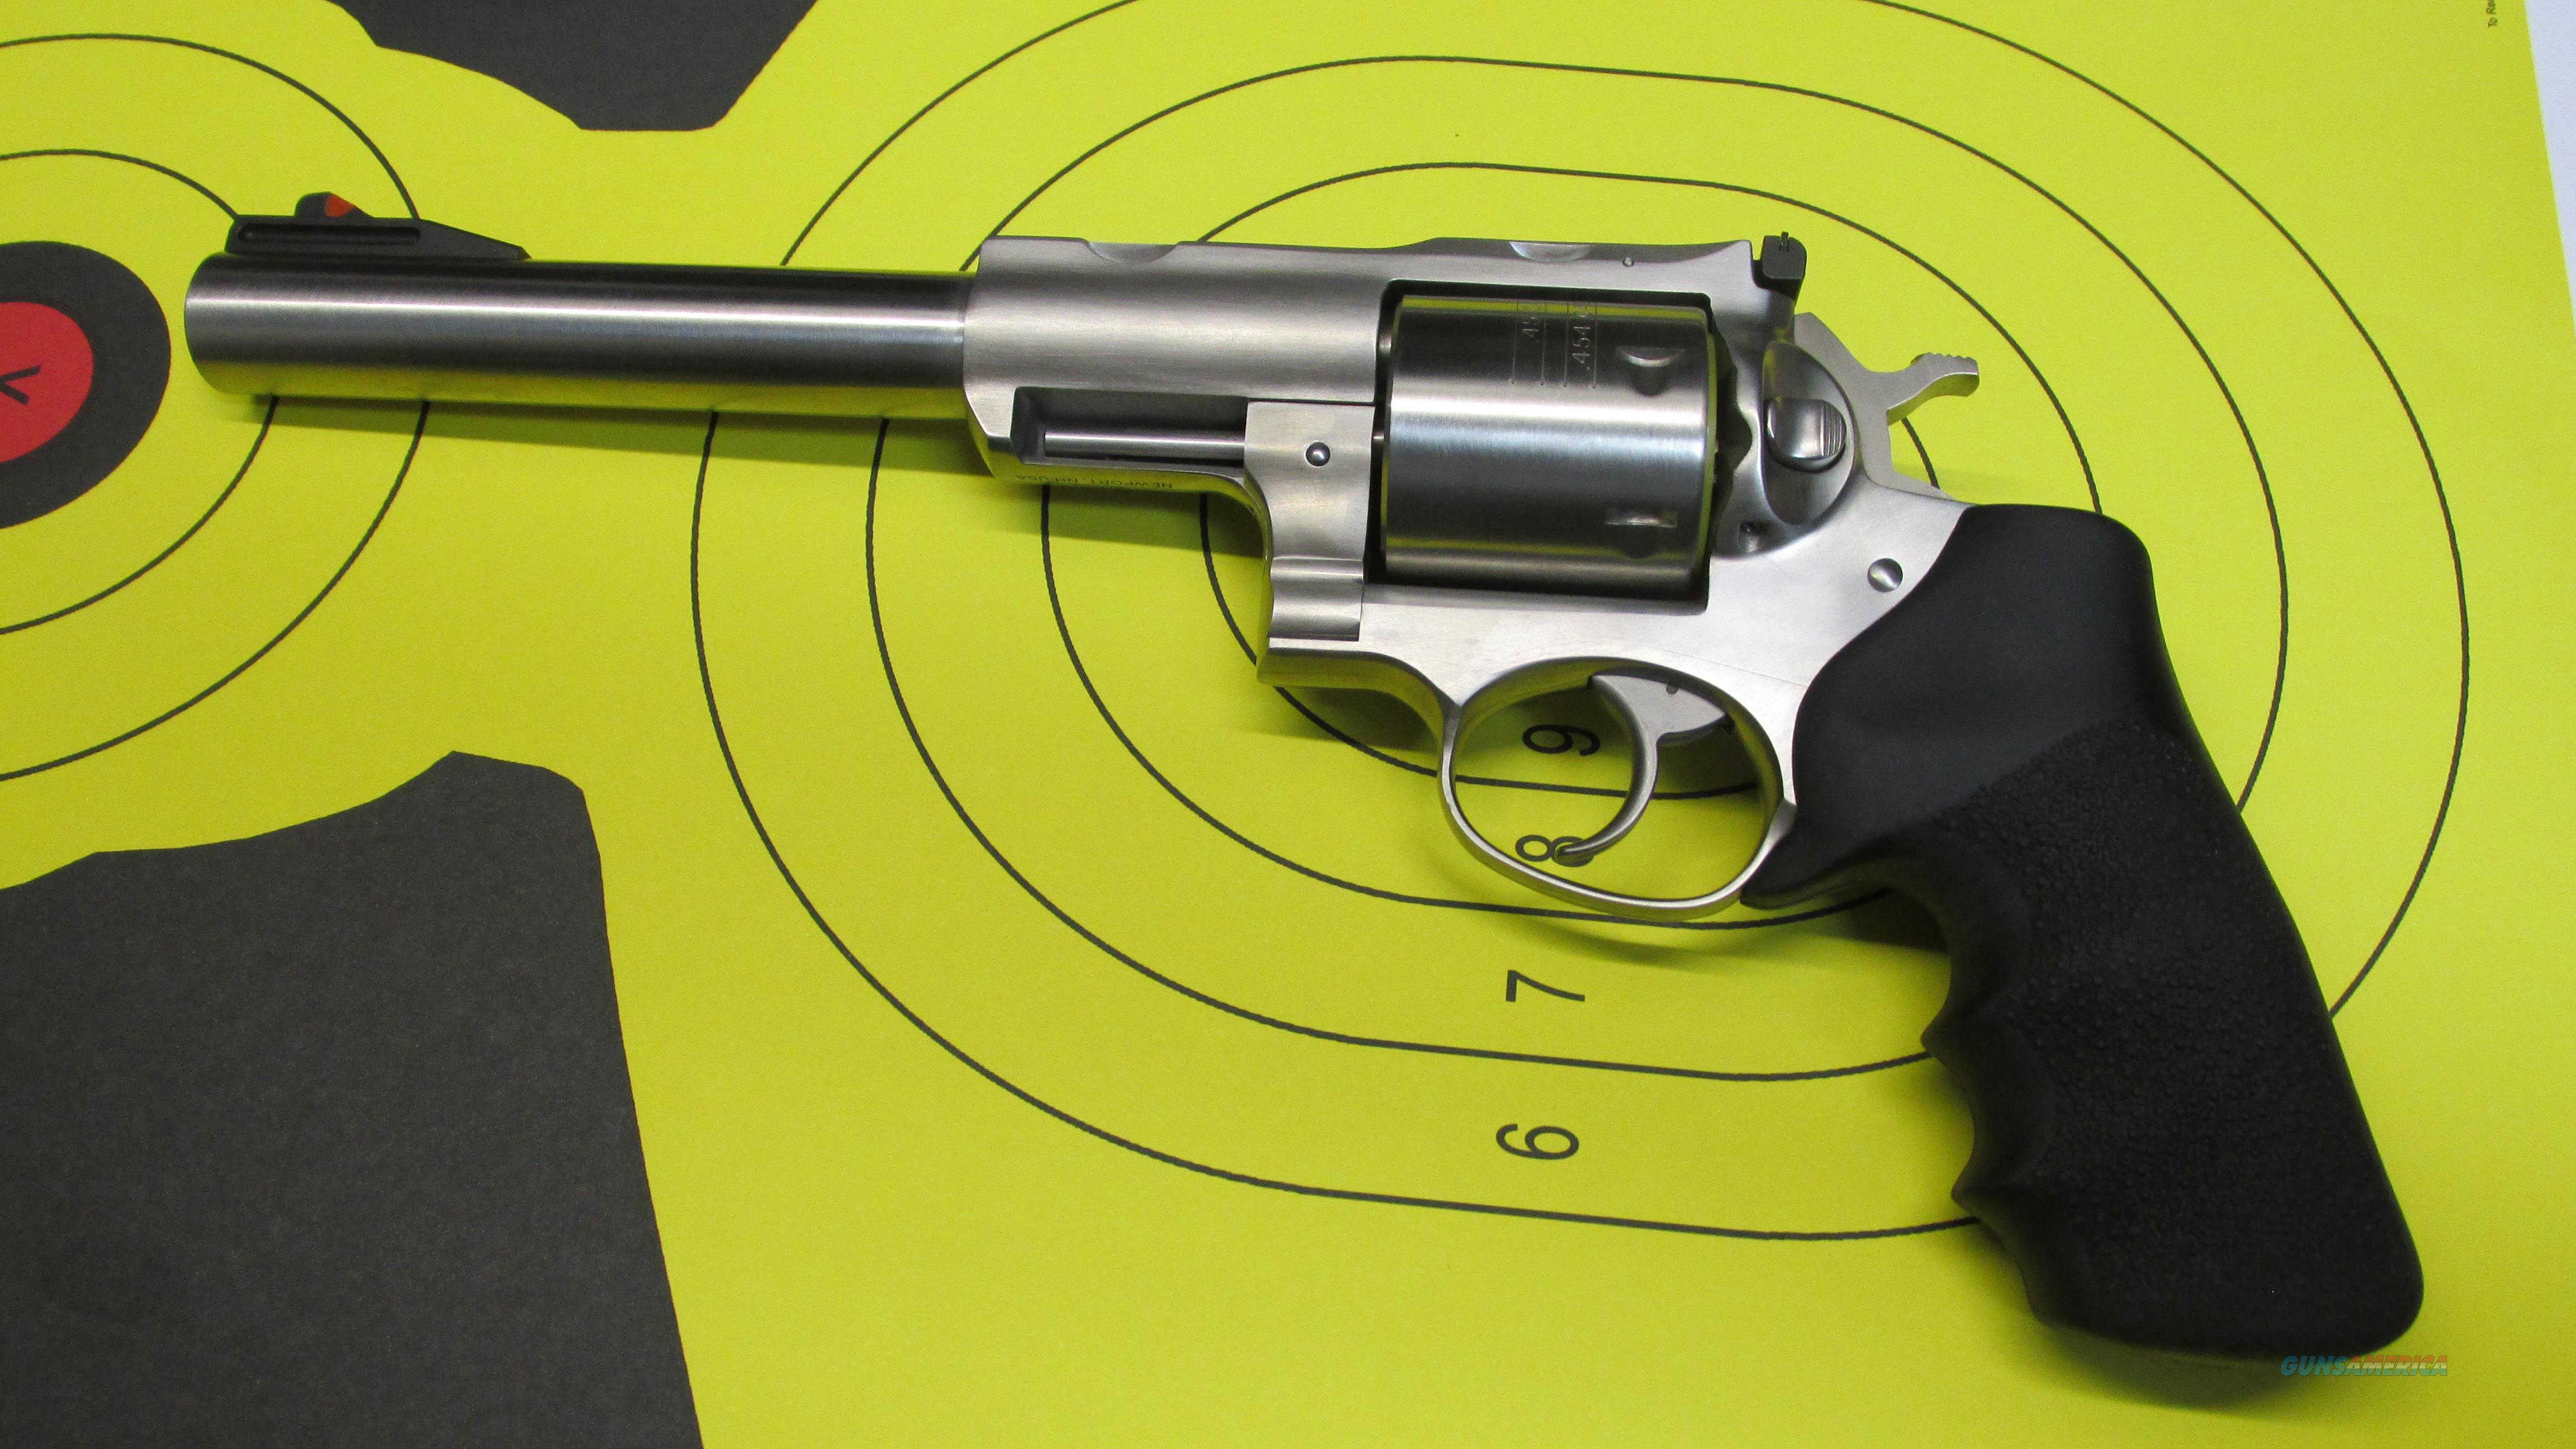 """RUGER SUPER REDHAWK 6 SHOT 454 CASULL REVOLVER, 7.5"""" BARREL  Guns > Pistols > Ruger Double Action Revolver > Redhawk Type"""